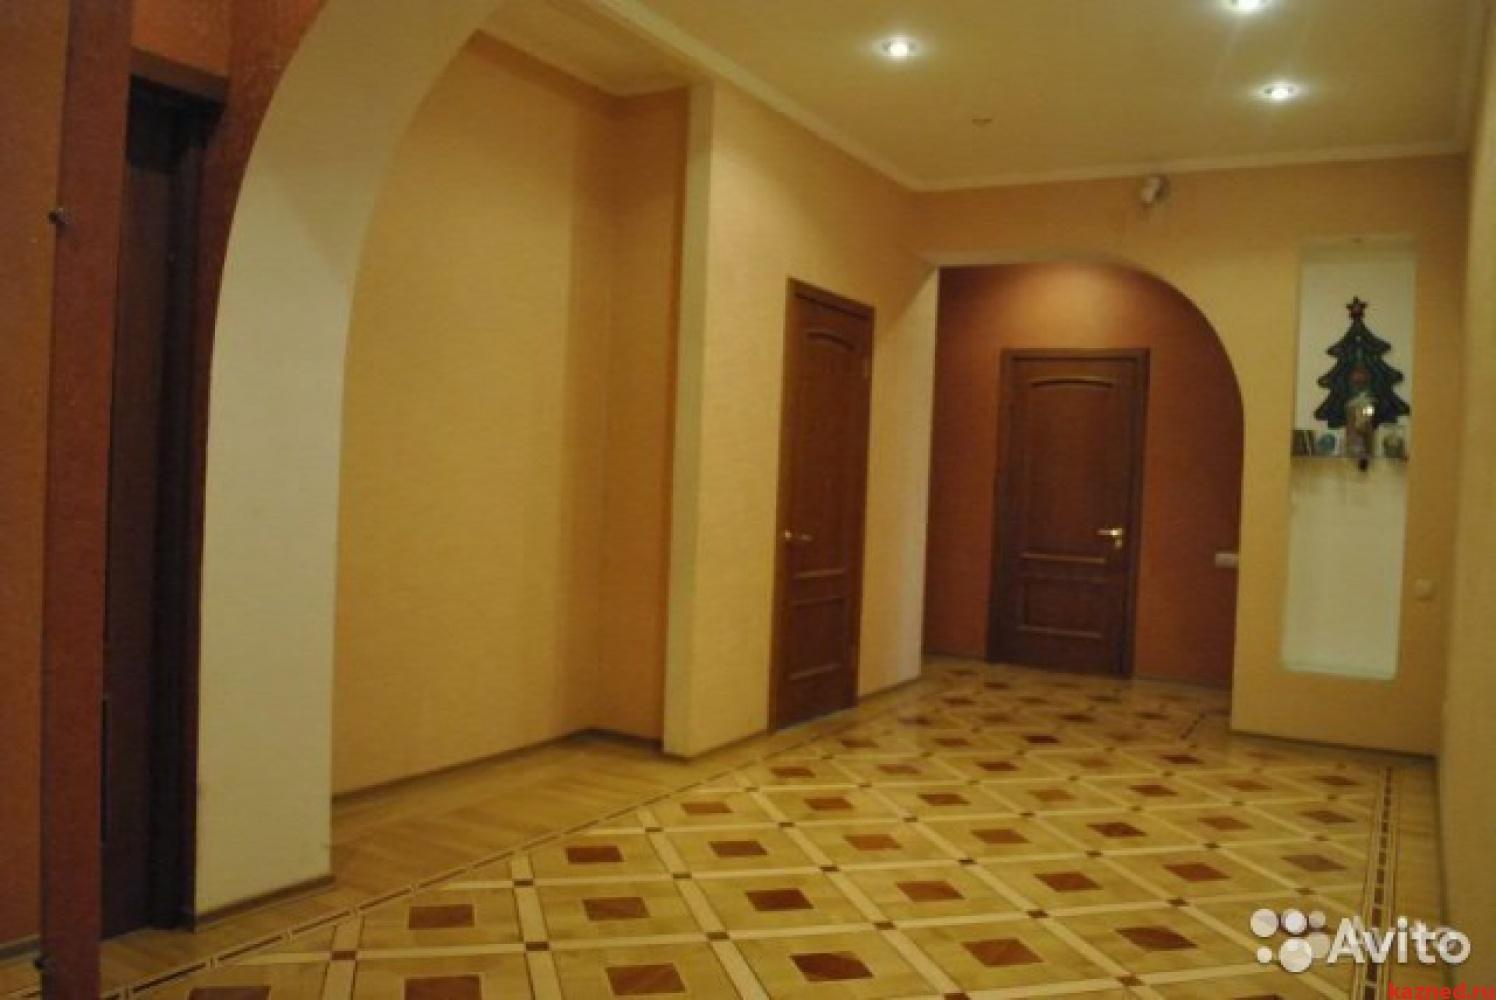 Продажа 3-к квартиры Николая Столярова,5, 117 м²  (миниатюра №3)